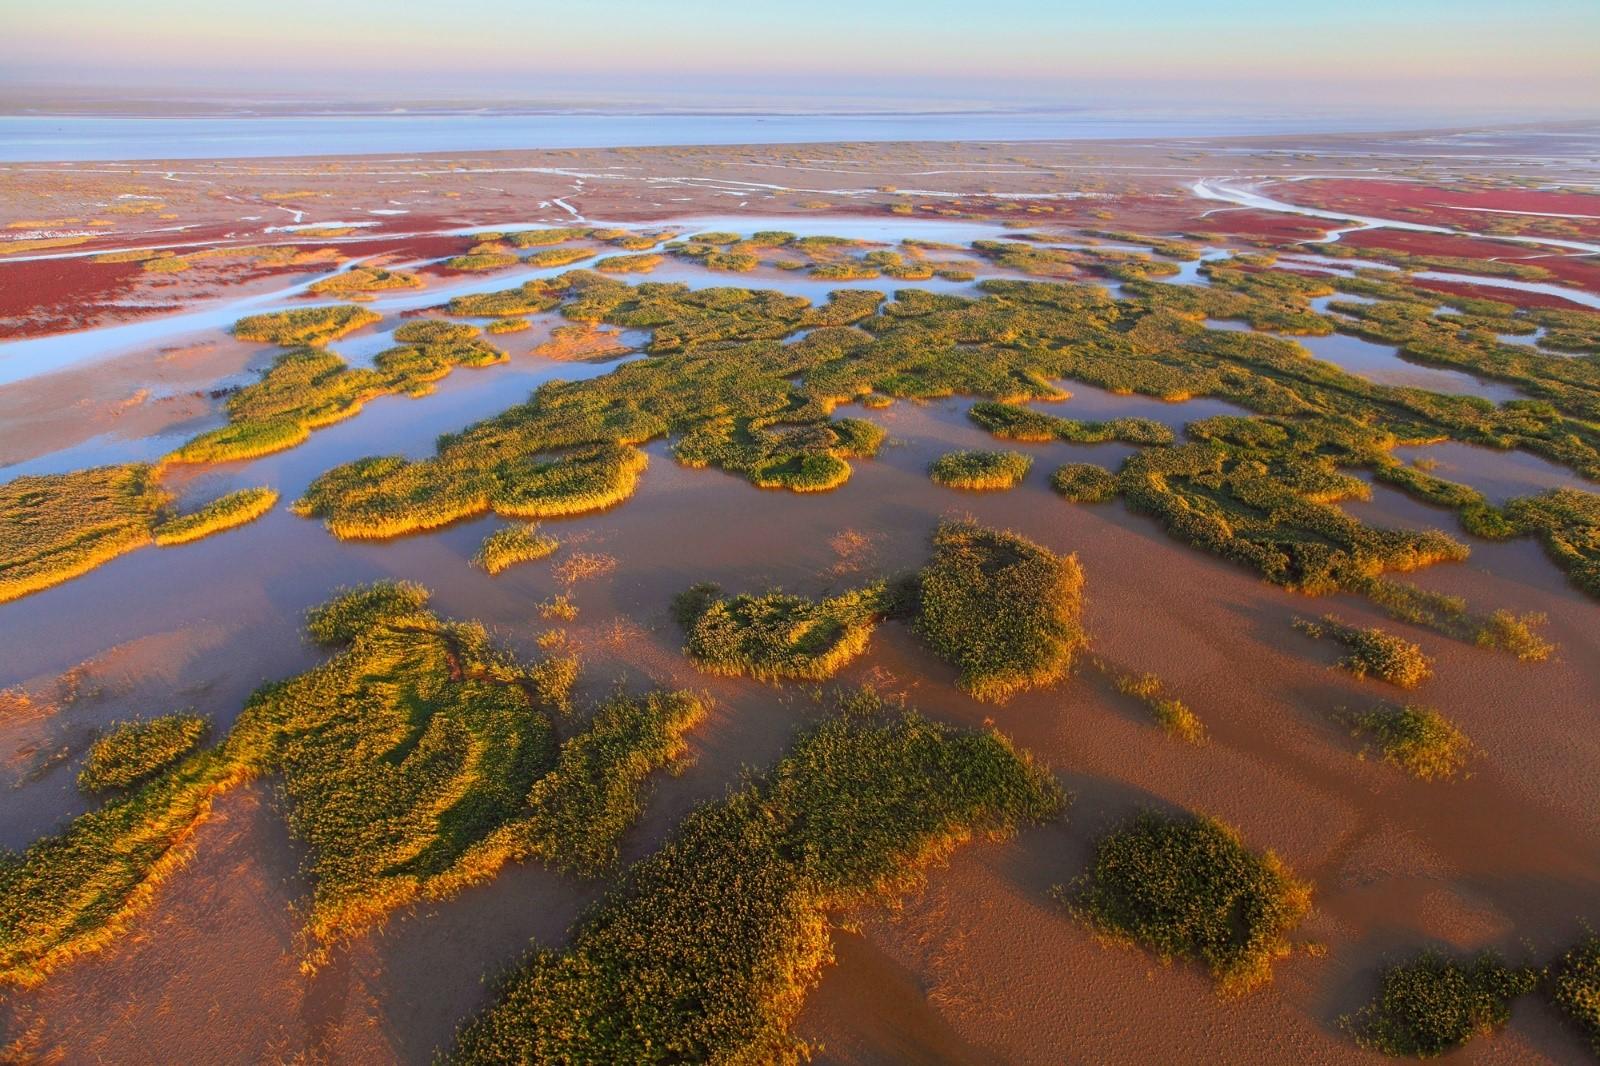 ทัวร์จีน-ชิงเต่า-เขาไท่ซาน-หาดสีแดงตงหยิง-5-วัน-3-คืน-(SC)(SEP-OCT18)